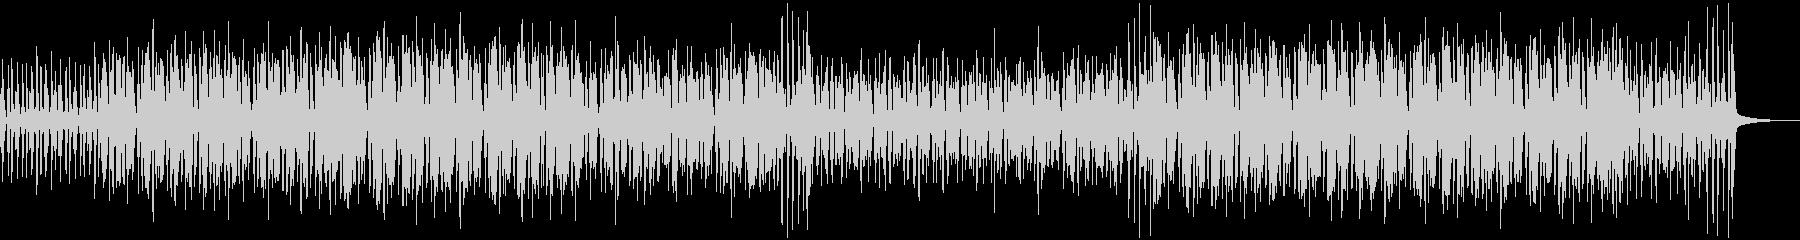 渋くておしゃれなジャズBGMの未再生の波形